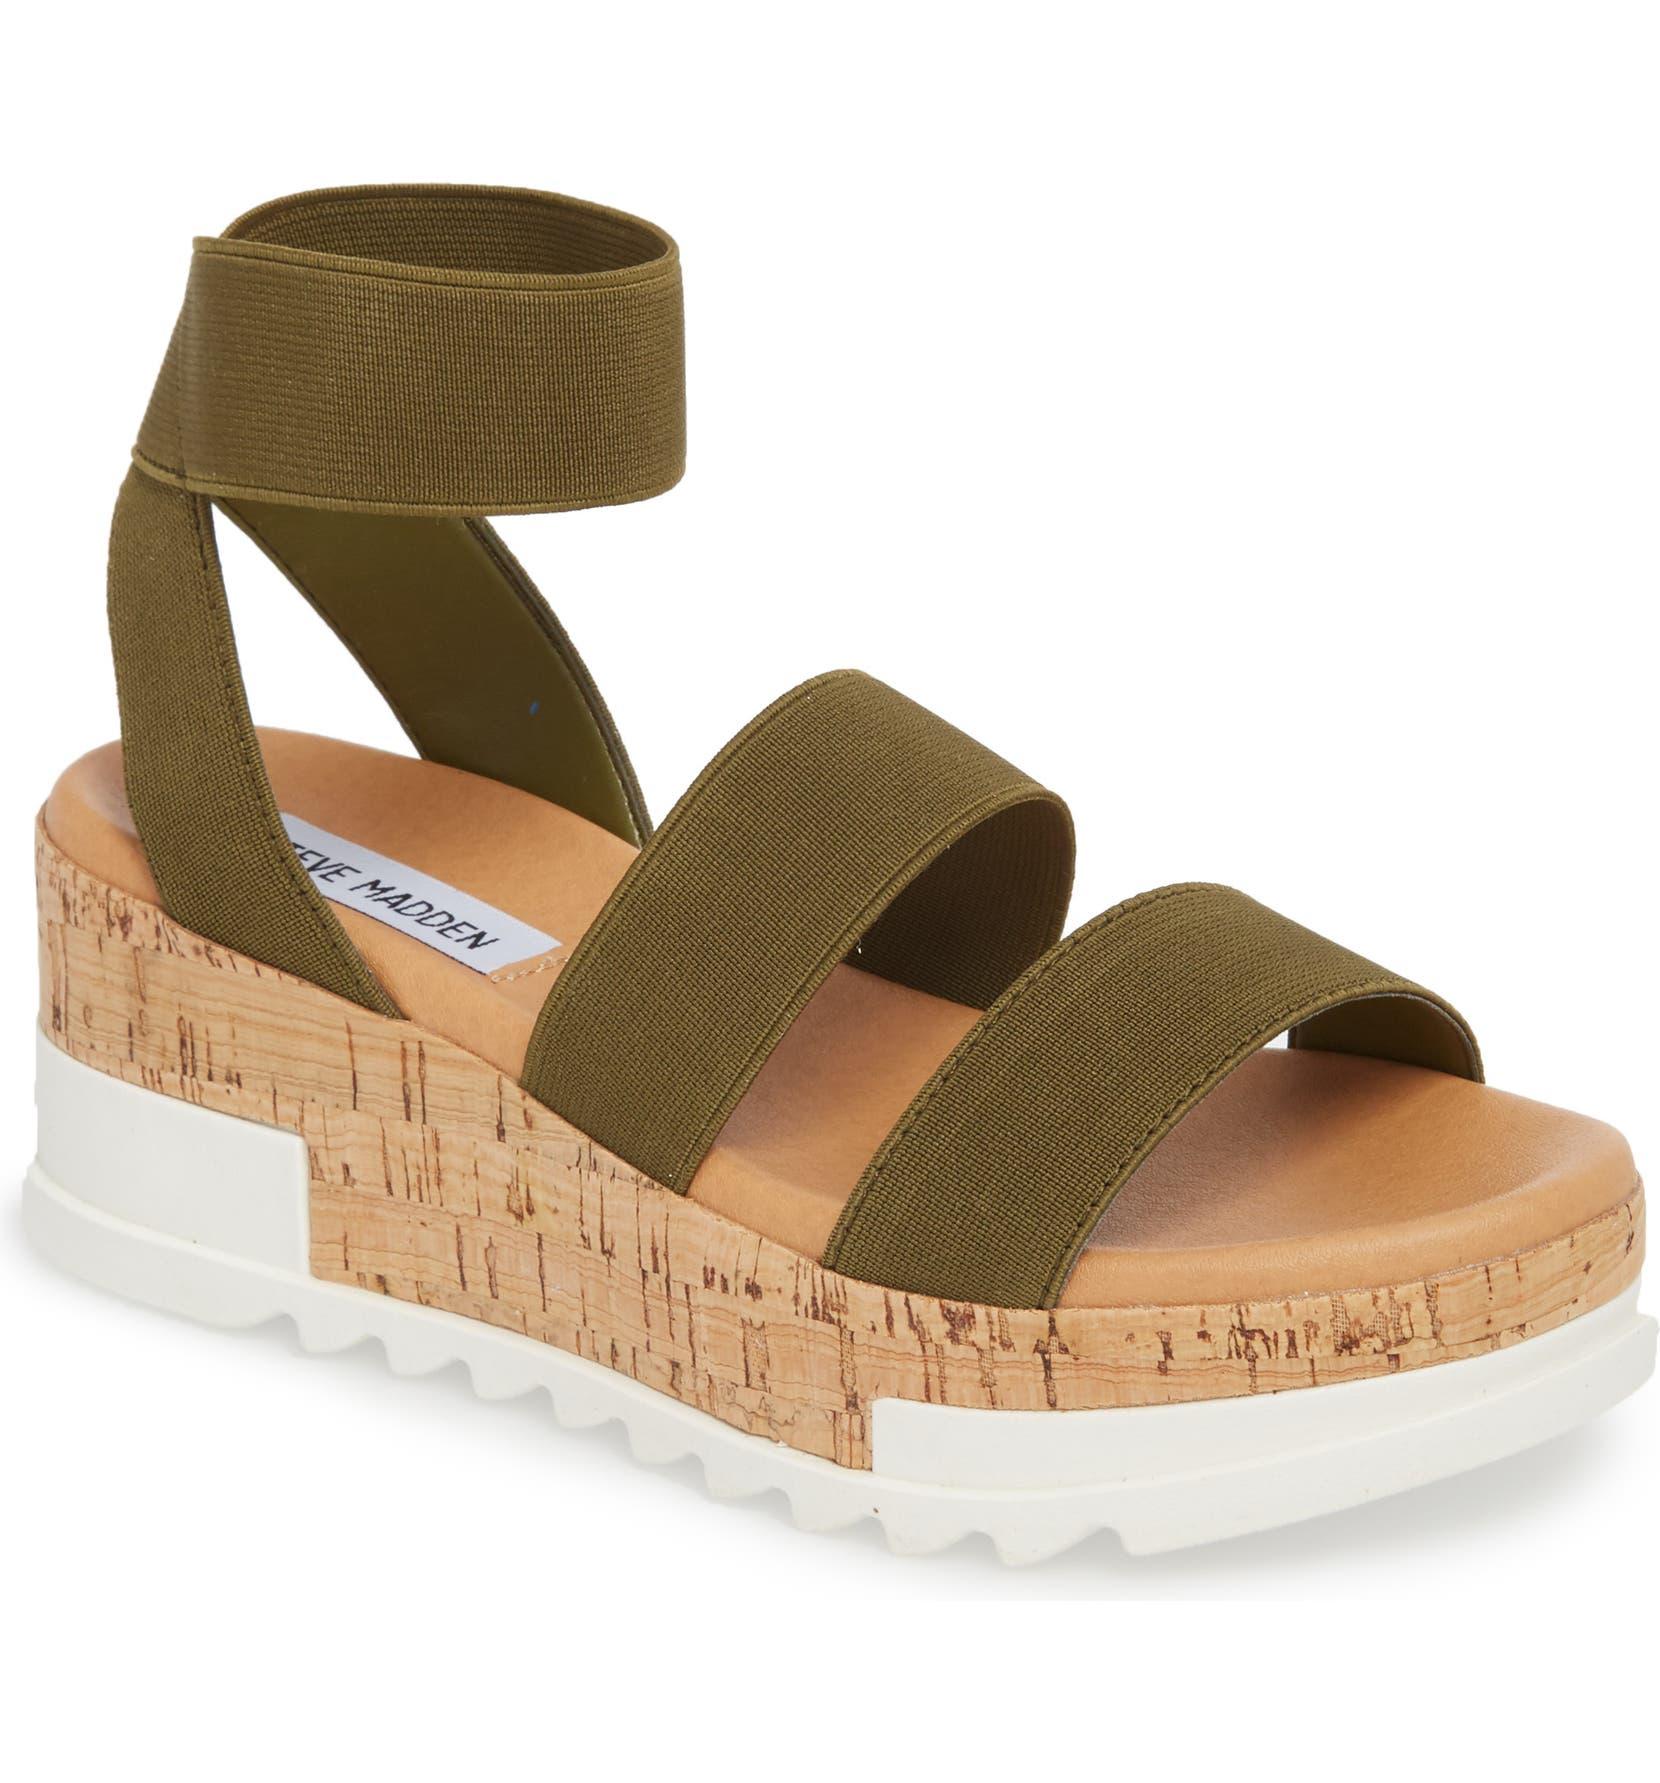 e6bd0105145 Bandi Platform Wedge Sandal